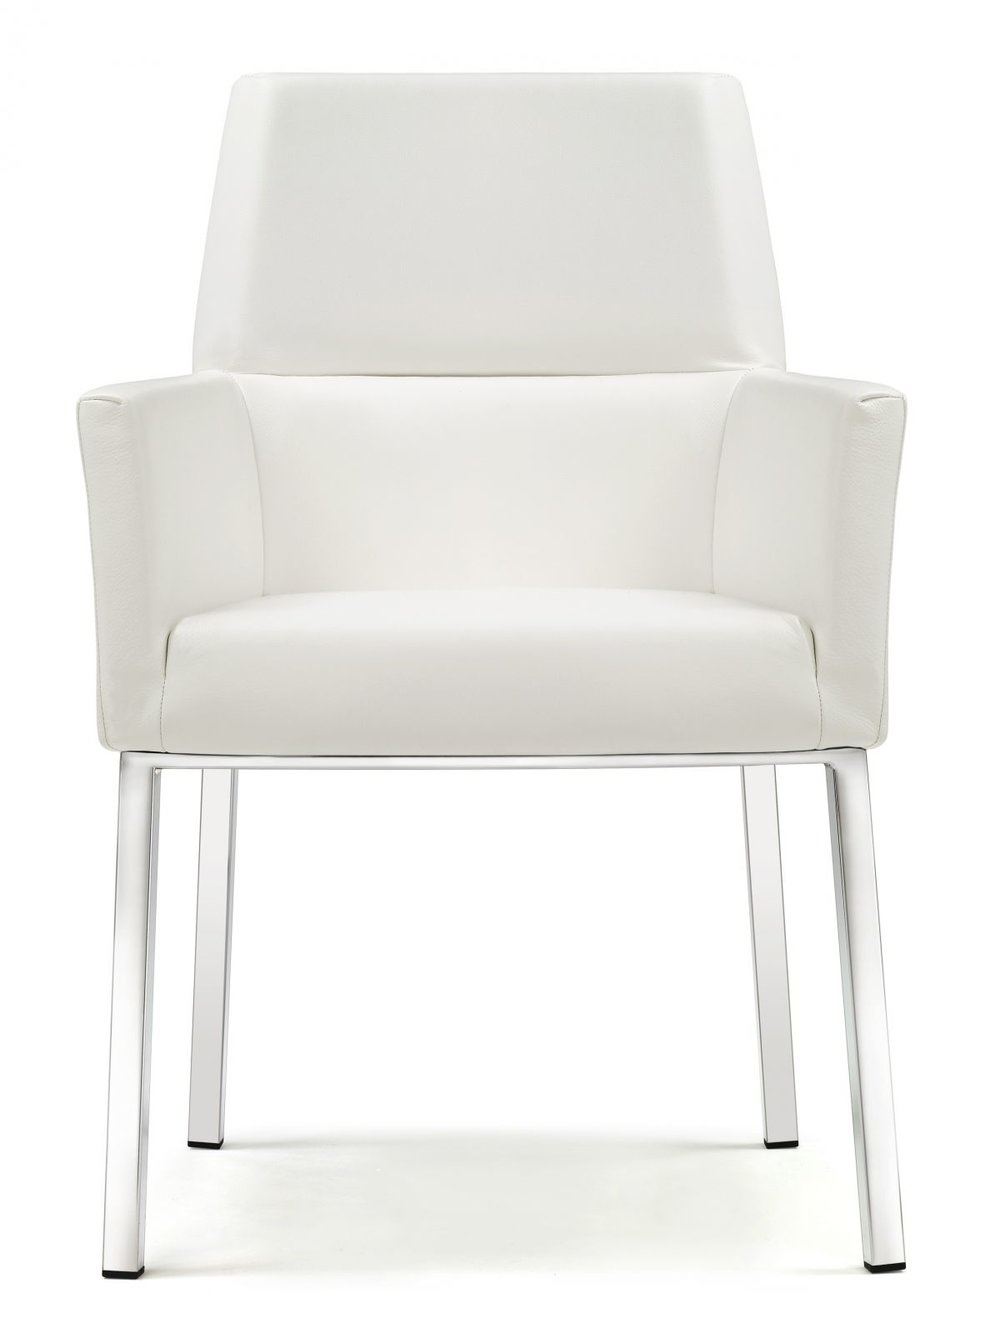 MOF 24 Modern Office Chair